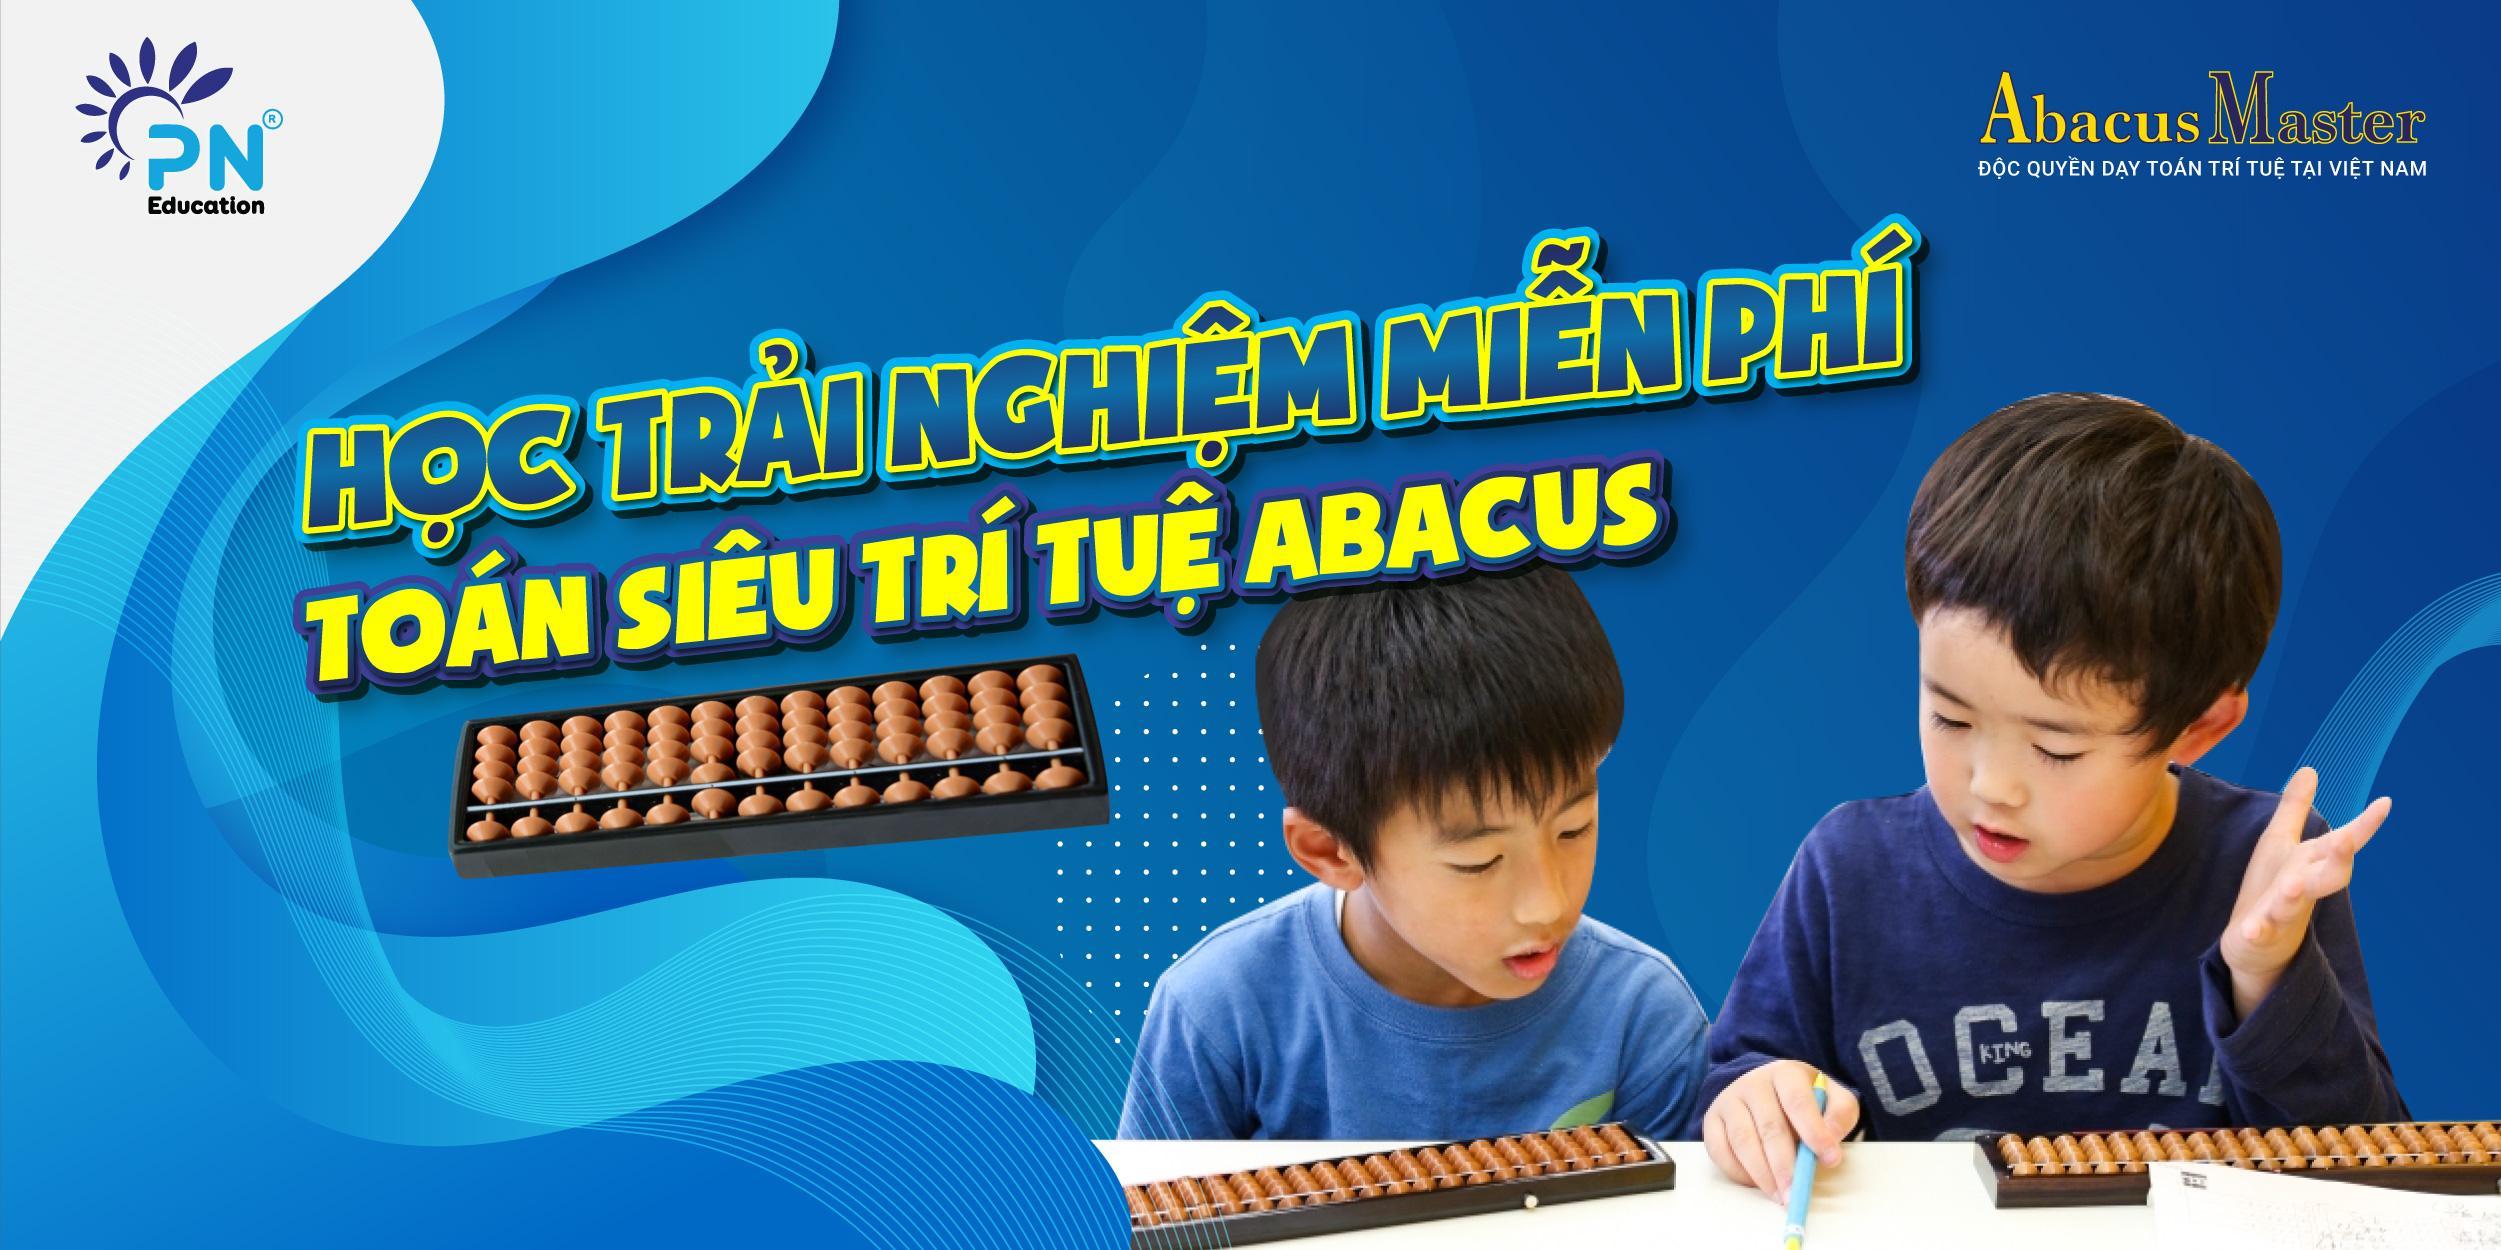 Abacus Master là địa điểm dạy toán khá uy tín tại TPHCM